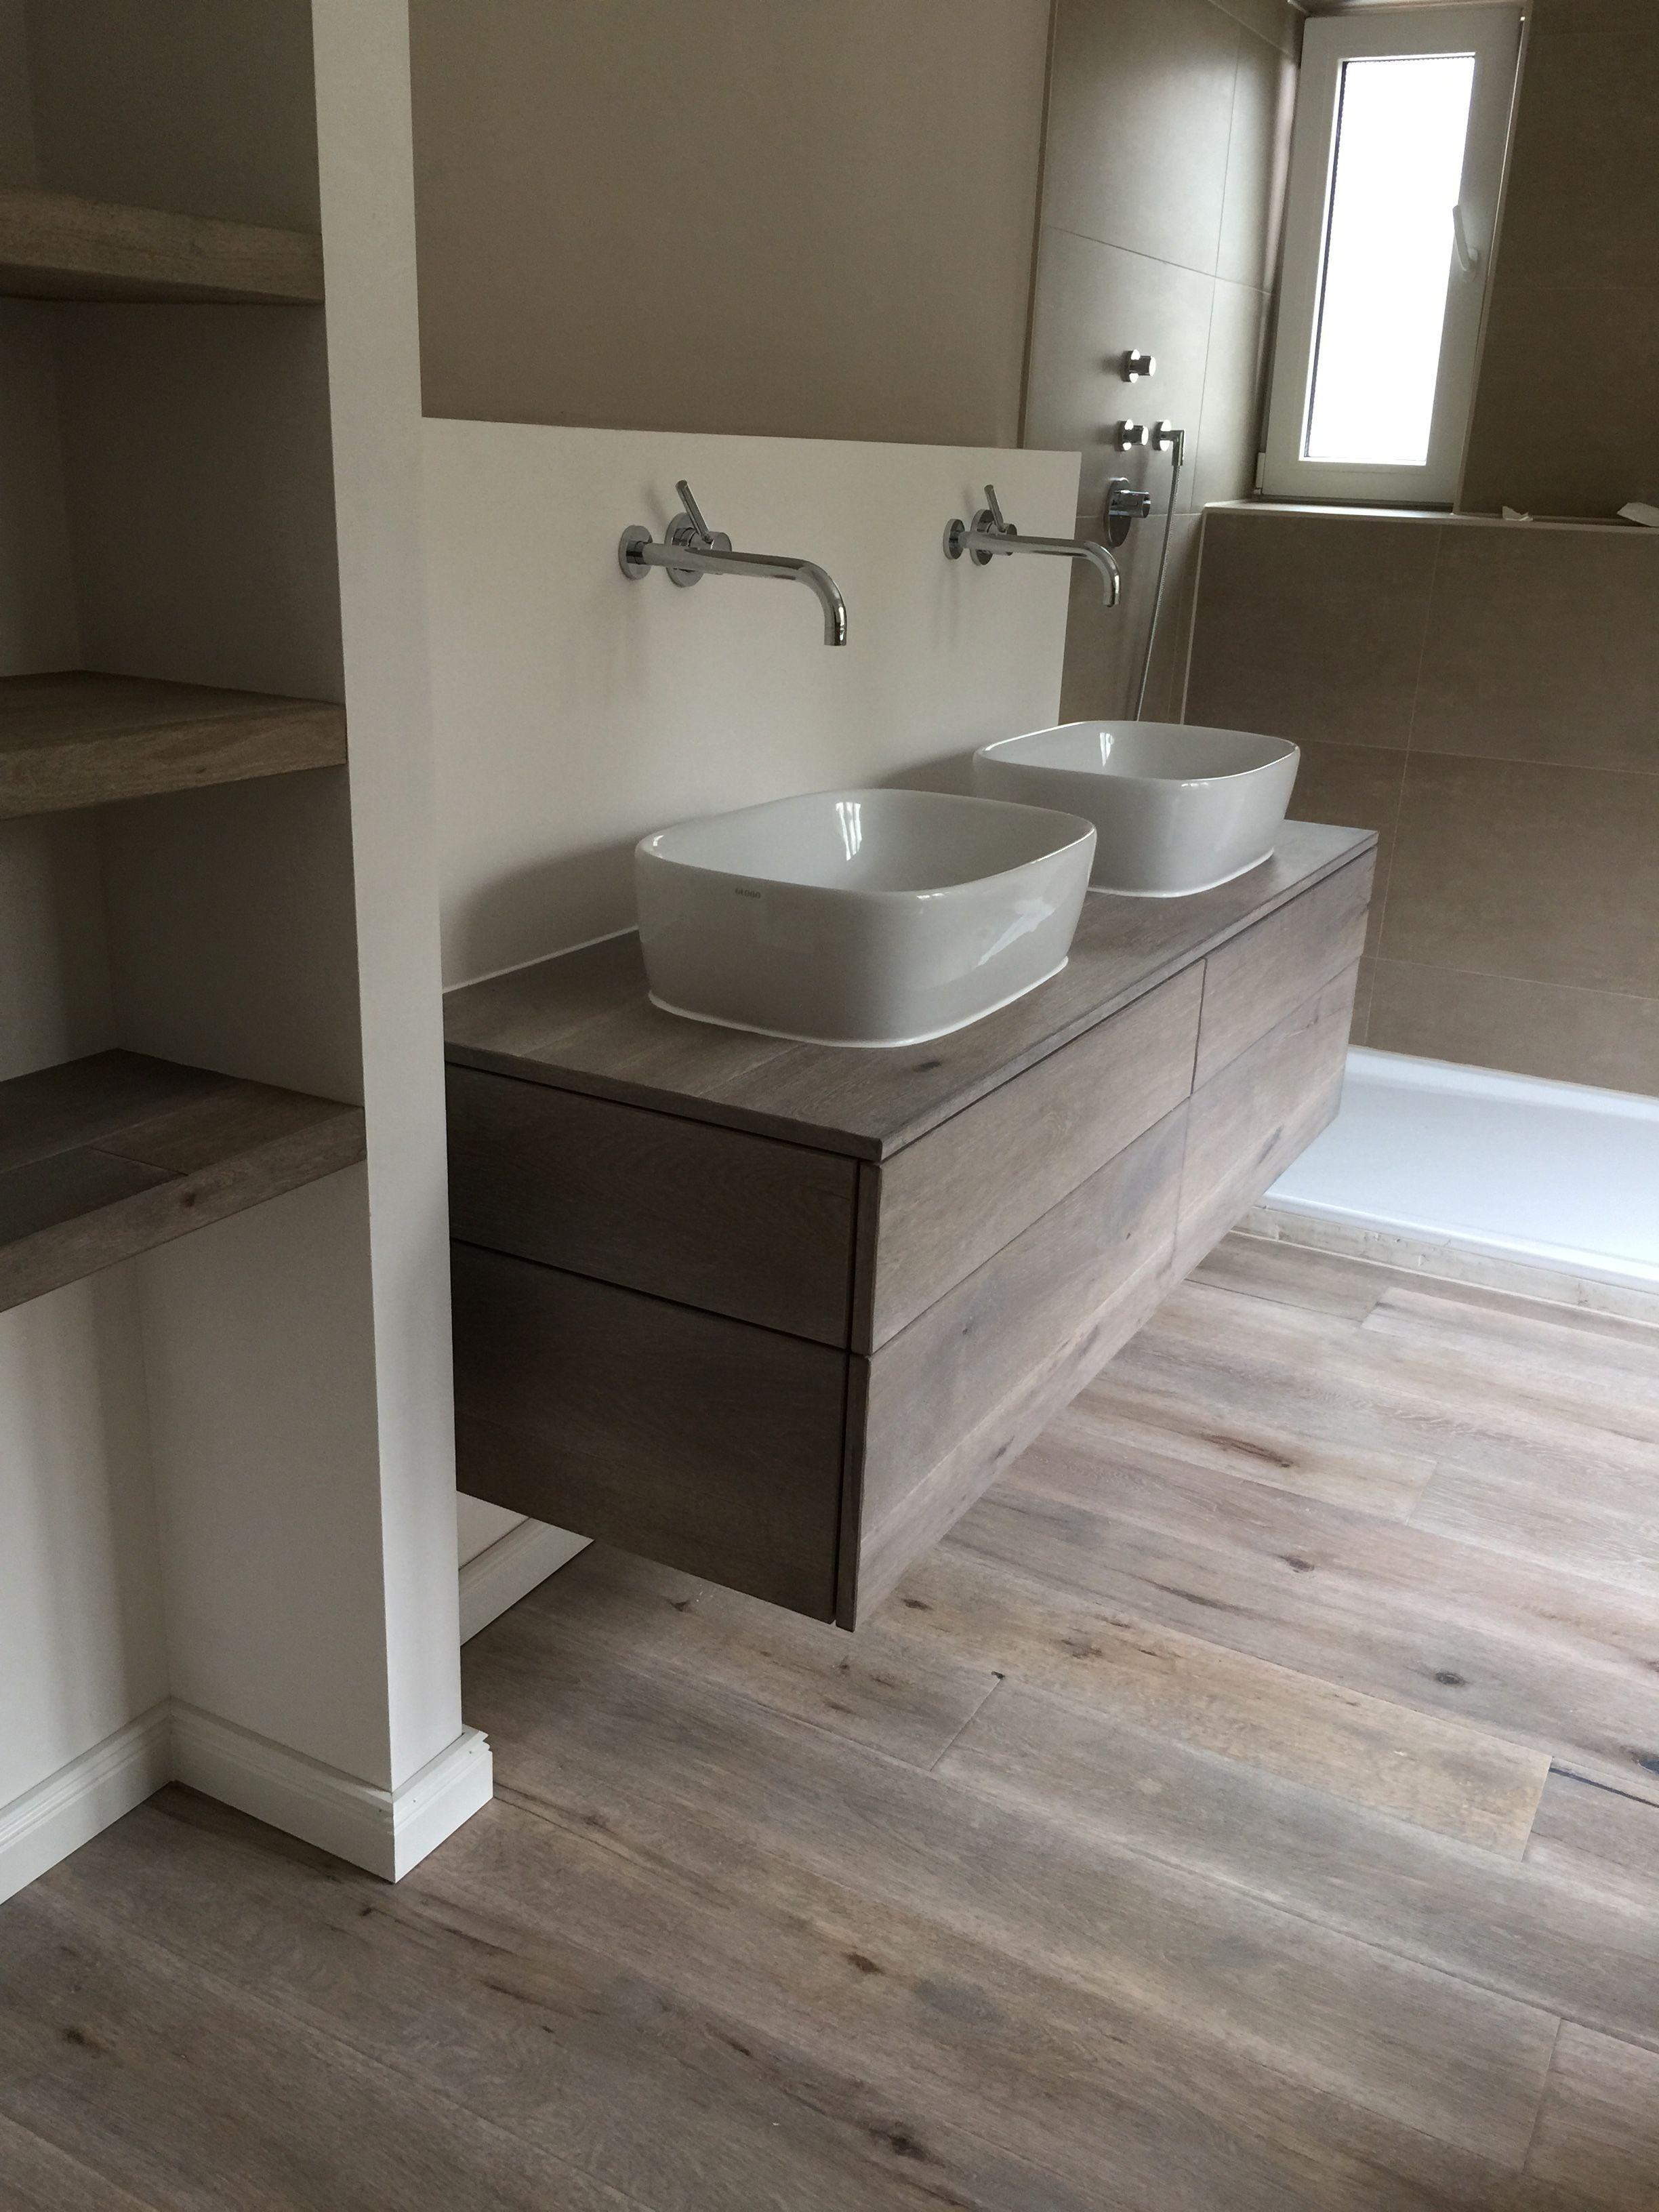 waschtischunterschrank in eiche massivholz vintage look badezimmer deko pinterest. Black Bedroom Furniture Sets. Home Design Ideas